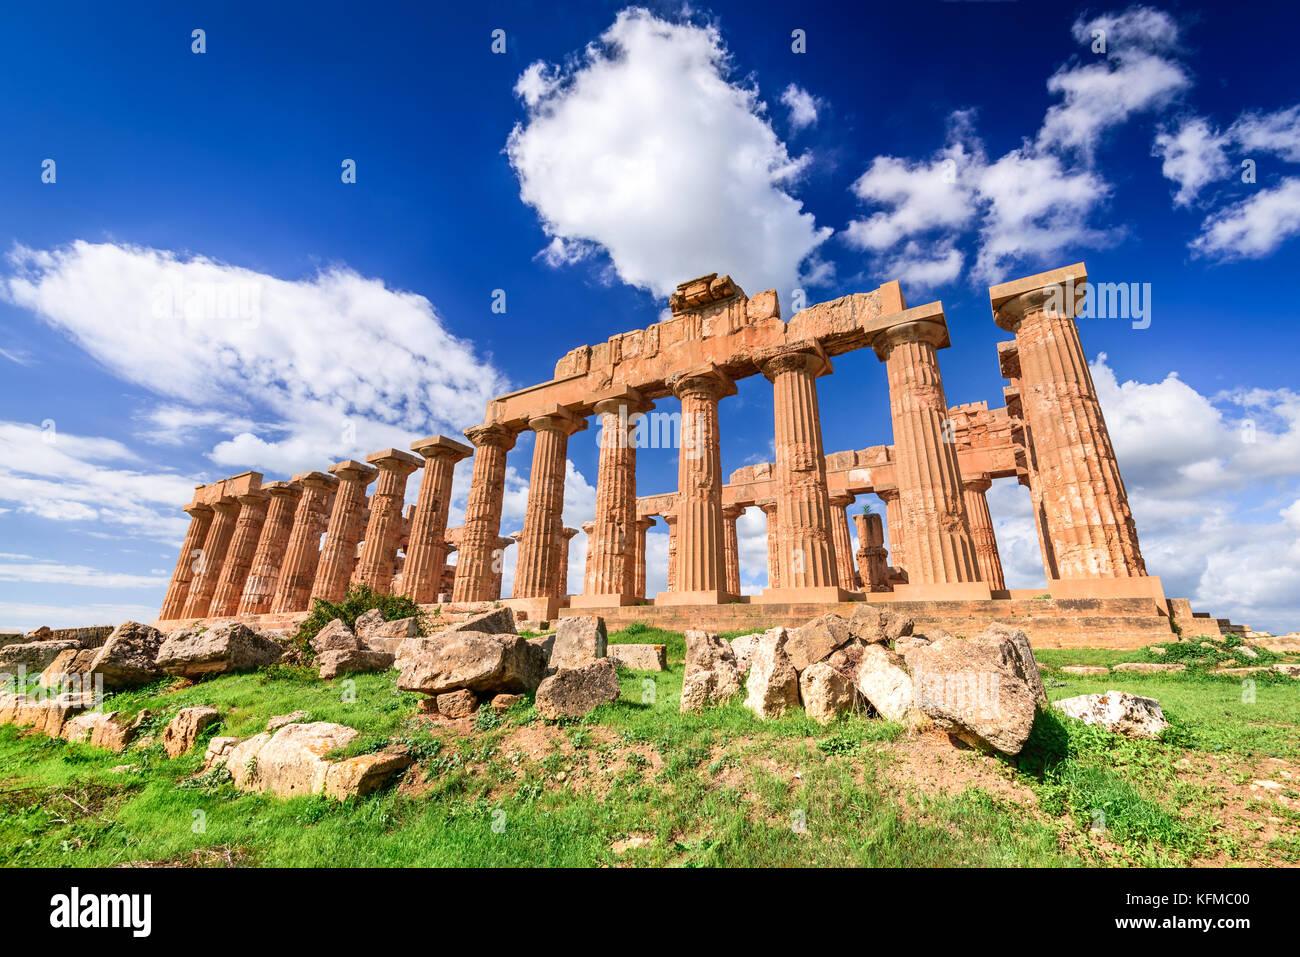 Selinunte est une ancienne ville grecque sur la côte sud-ouest de la Sicile en Italie. Temple de Héra Photo Stock